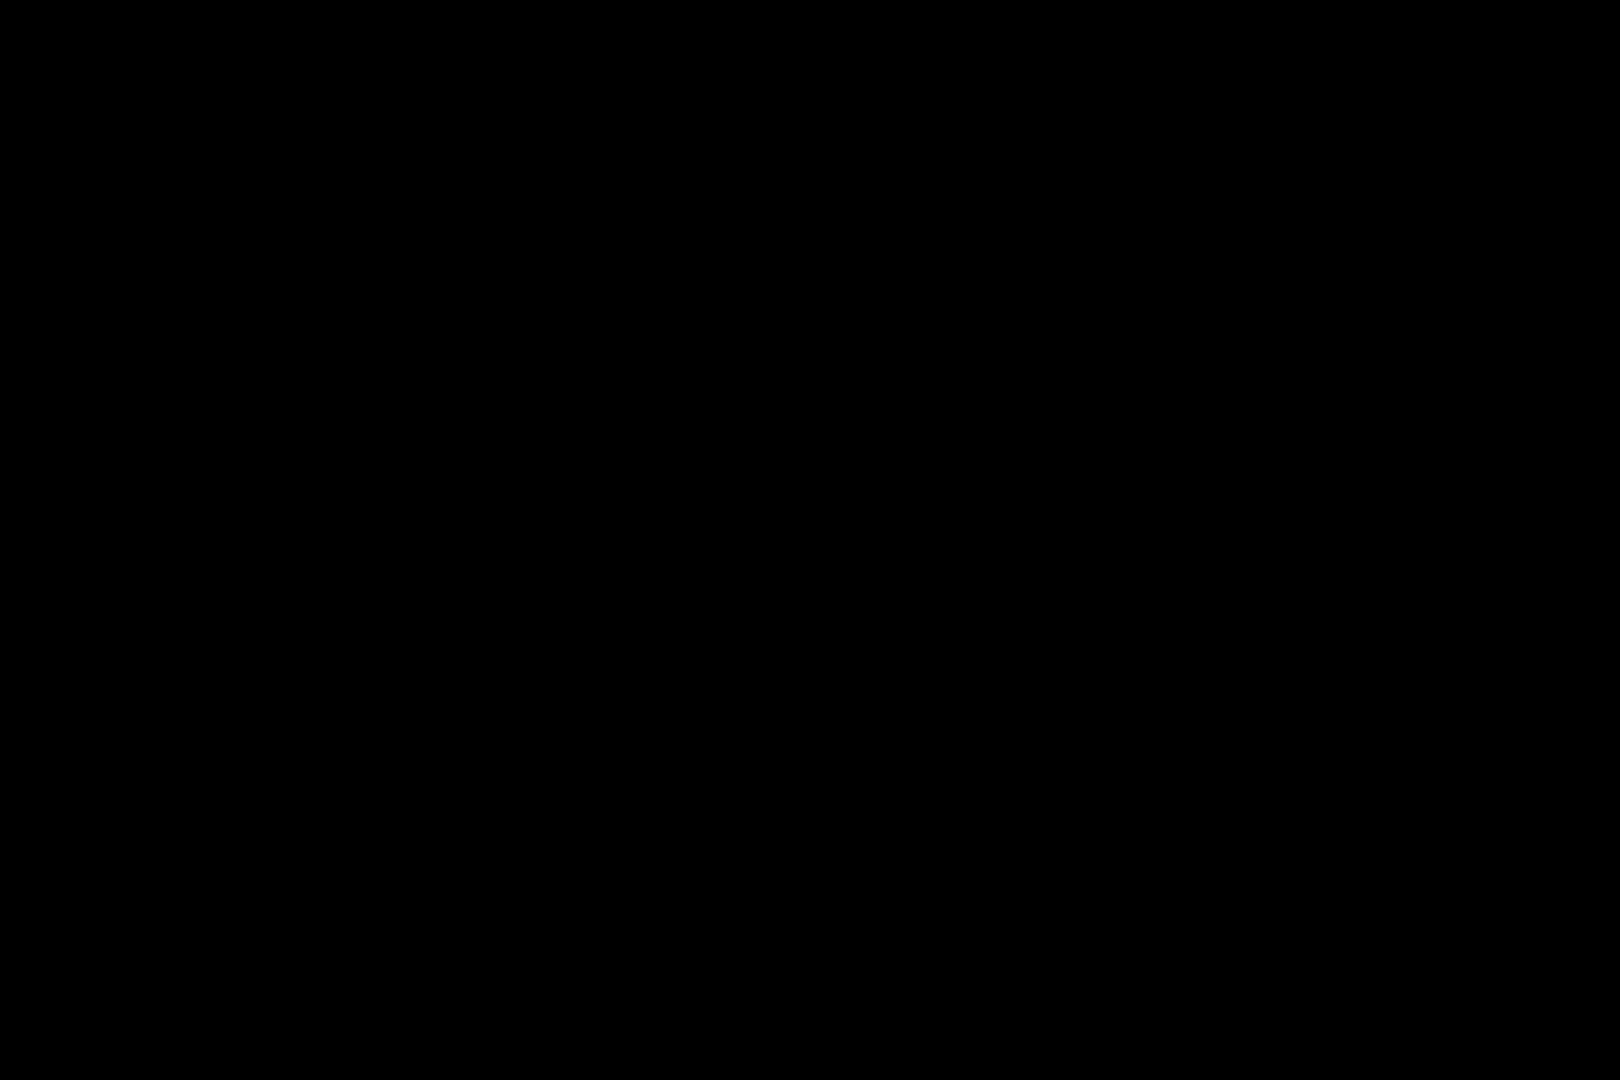 充血監督の深夜の運動会Vol.160 おまんこ | OLヌード天国  53PIX 25